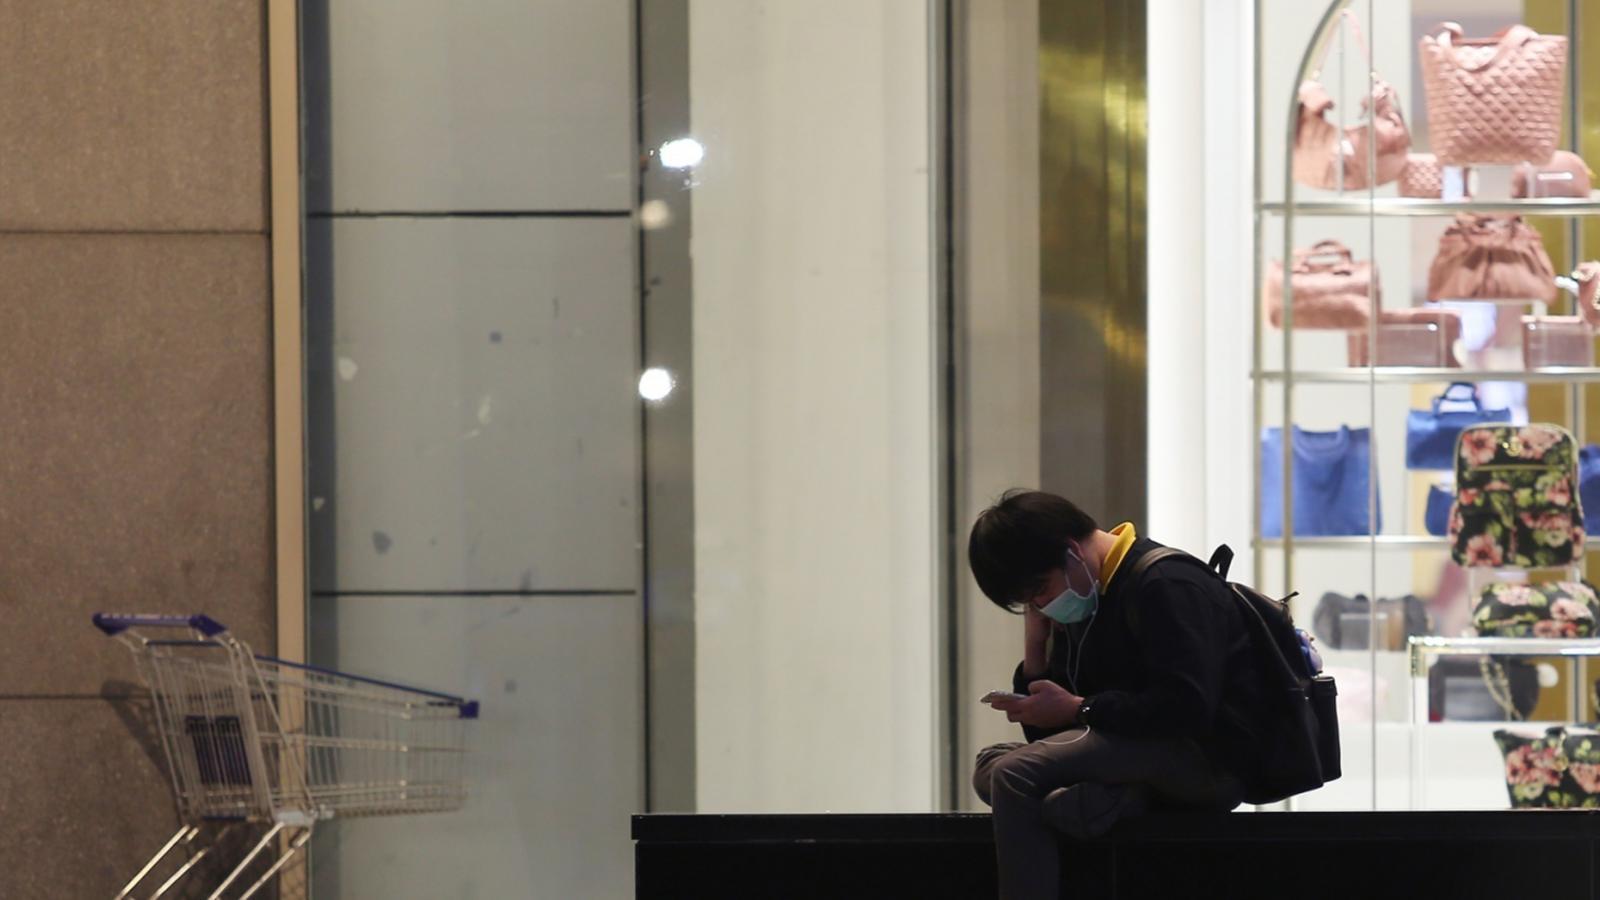 """""""ไทย"""" ถูกจัดอันดับความทุกข์ยากทางเศรษฐกิจน้อยที่สุดในโลก"""